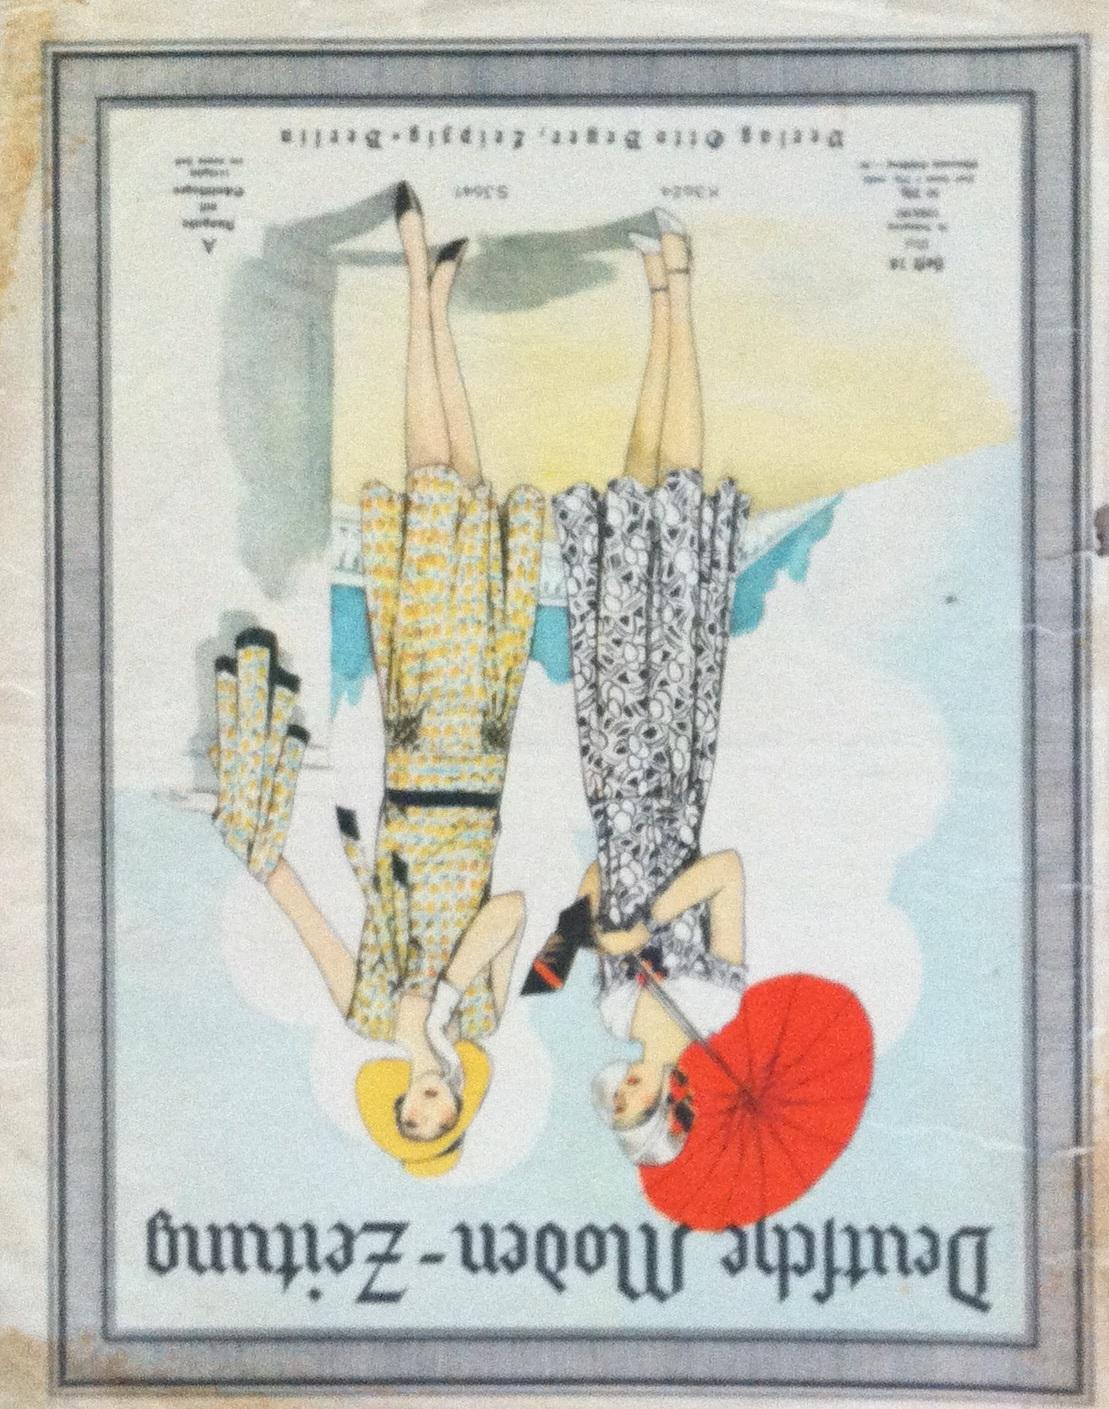 Deutsche Moden-Zeitung No. 18 Vol. 38 1928/29